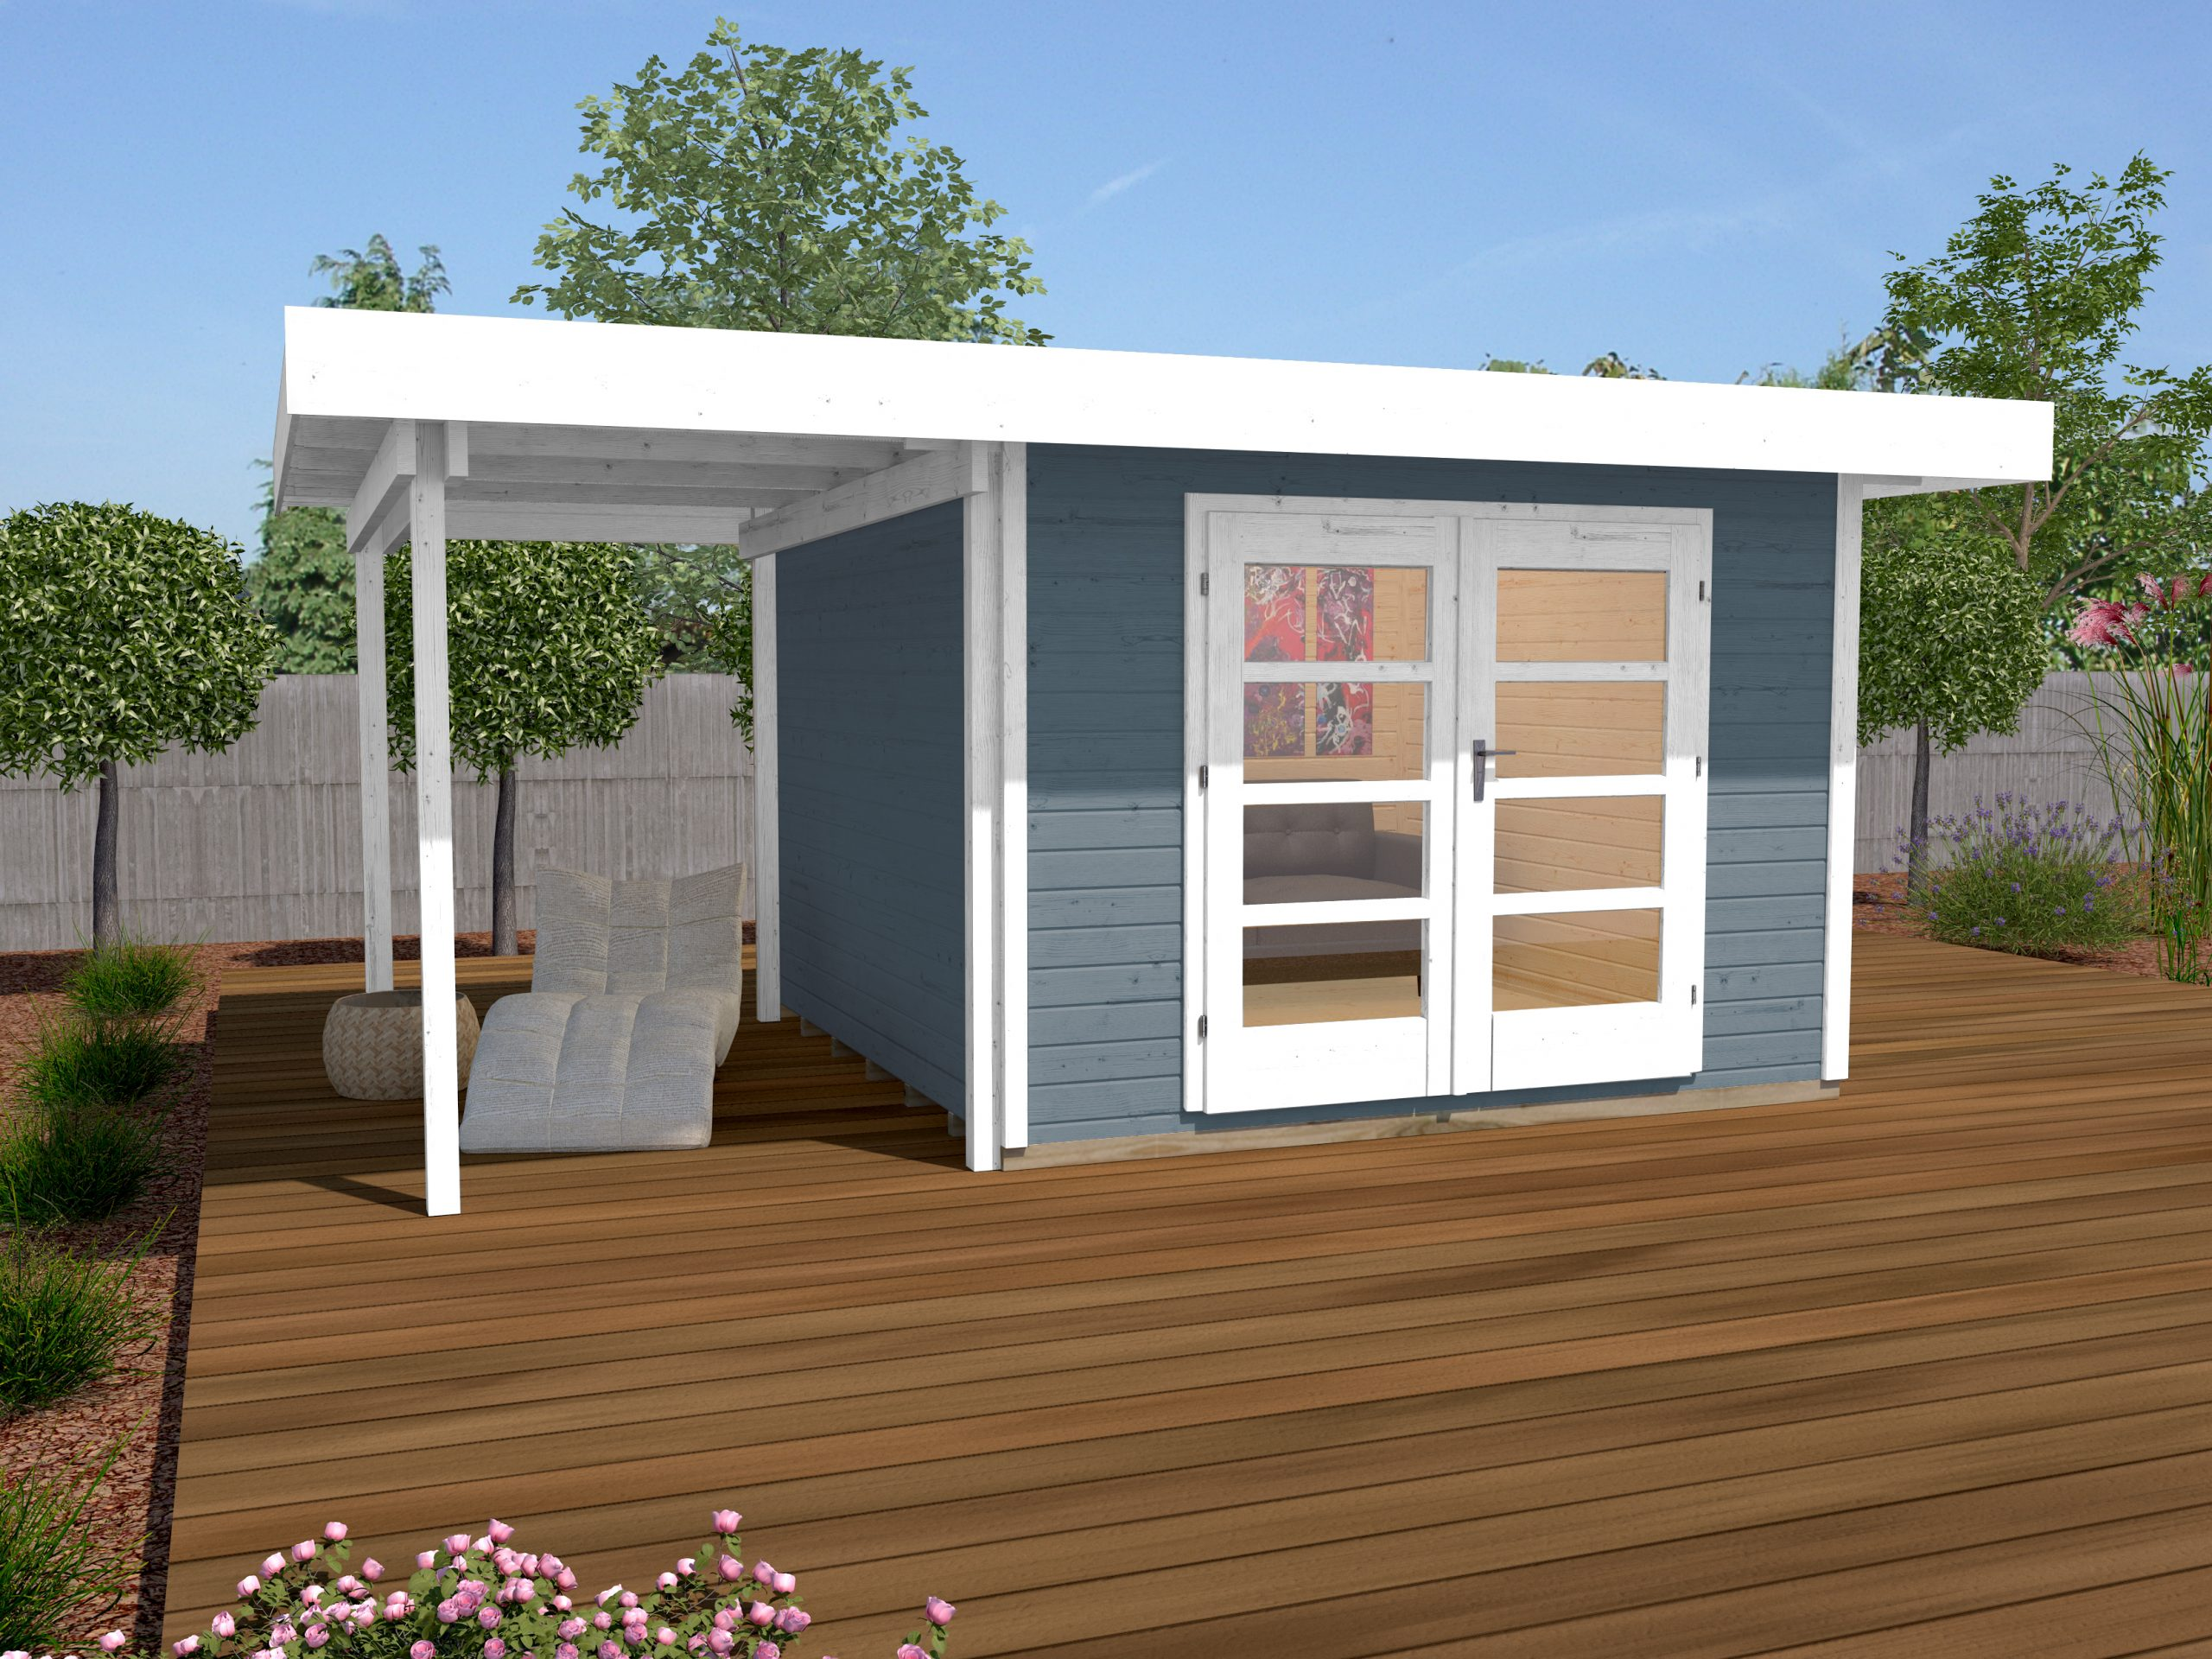 Abri De Jardin Design Toit Plat Avec Auvent Coté - Abri Bois De 10 À 15 M²  Nea Concept intérieur Abri De Jardin Avec Auvent